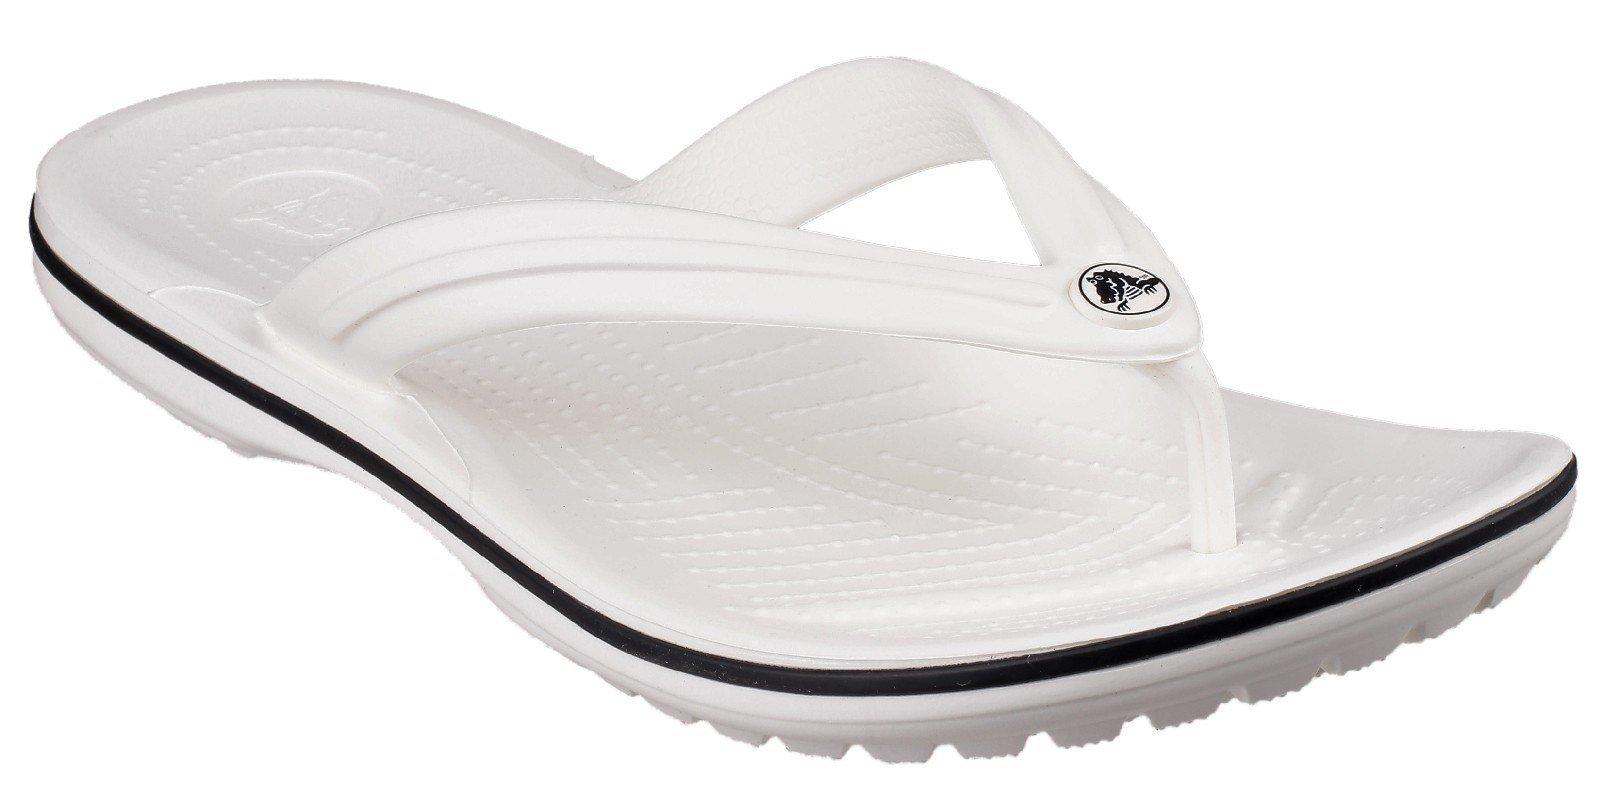 Crocs Unisex Crocband Flip Flops Various Colours 21067 - White 3